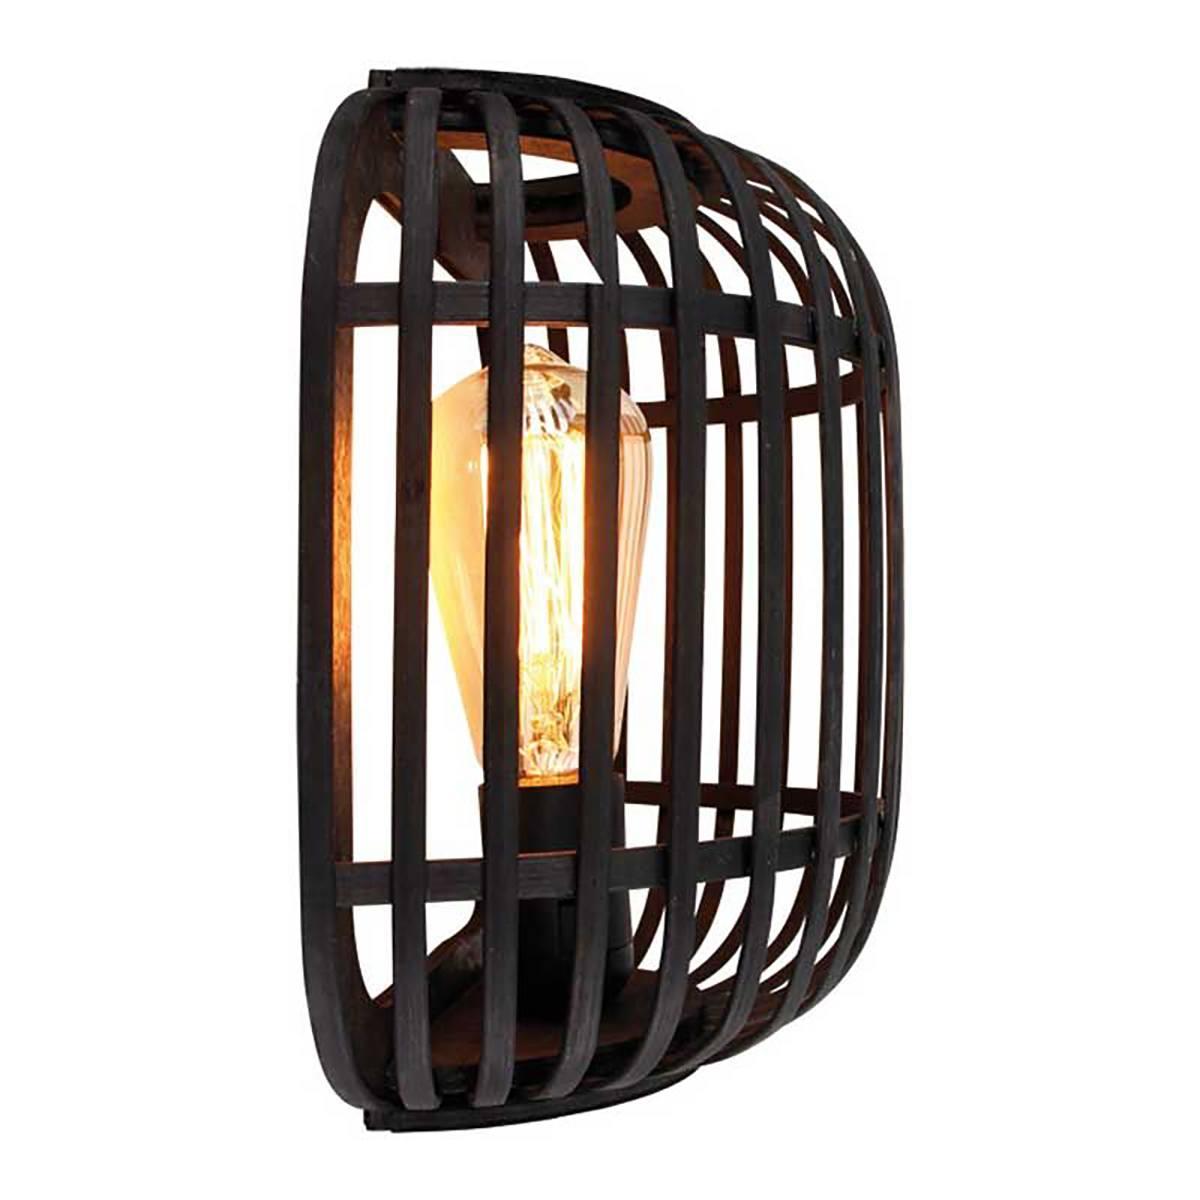 Wandlamp Treccia hout zwart 1-lichts FREELIGHT - W5401Z